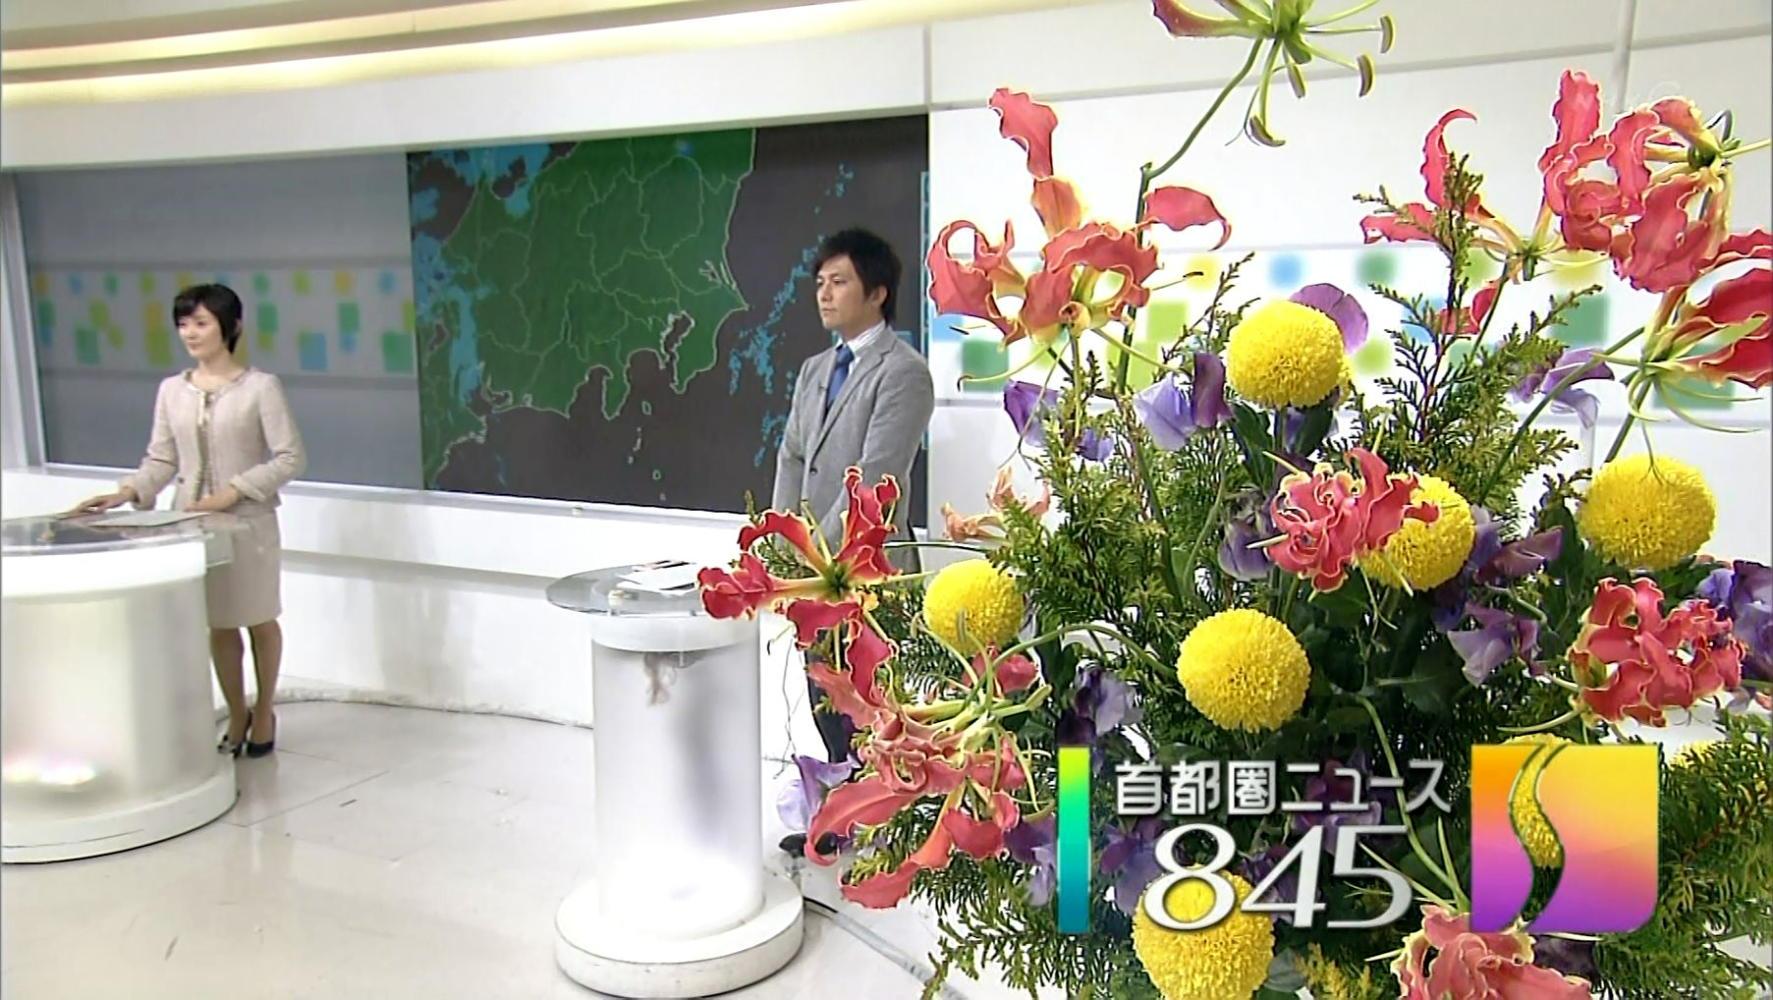 松村正代の画像 p1_34